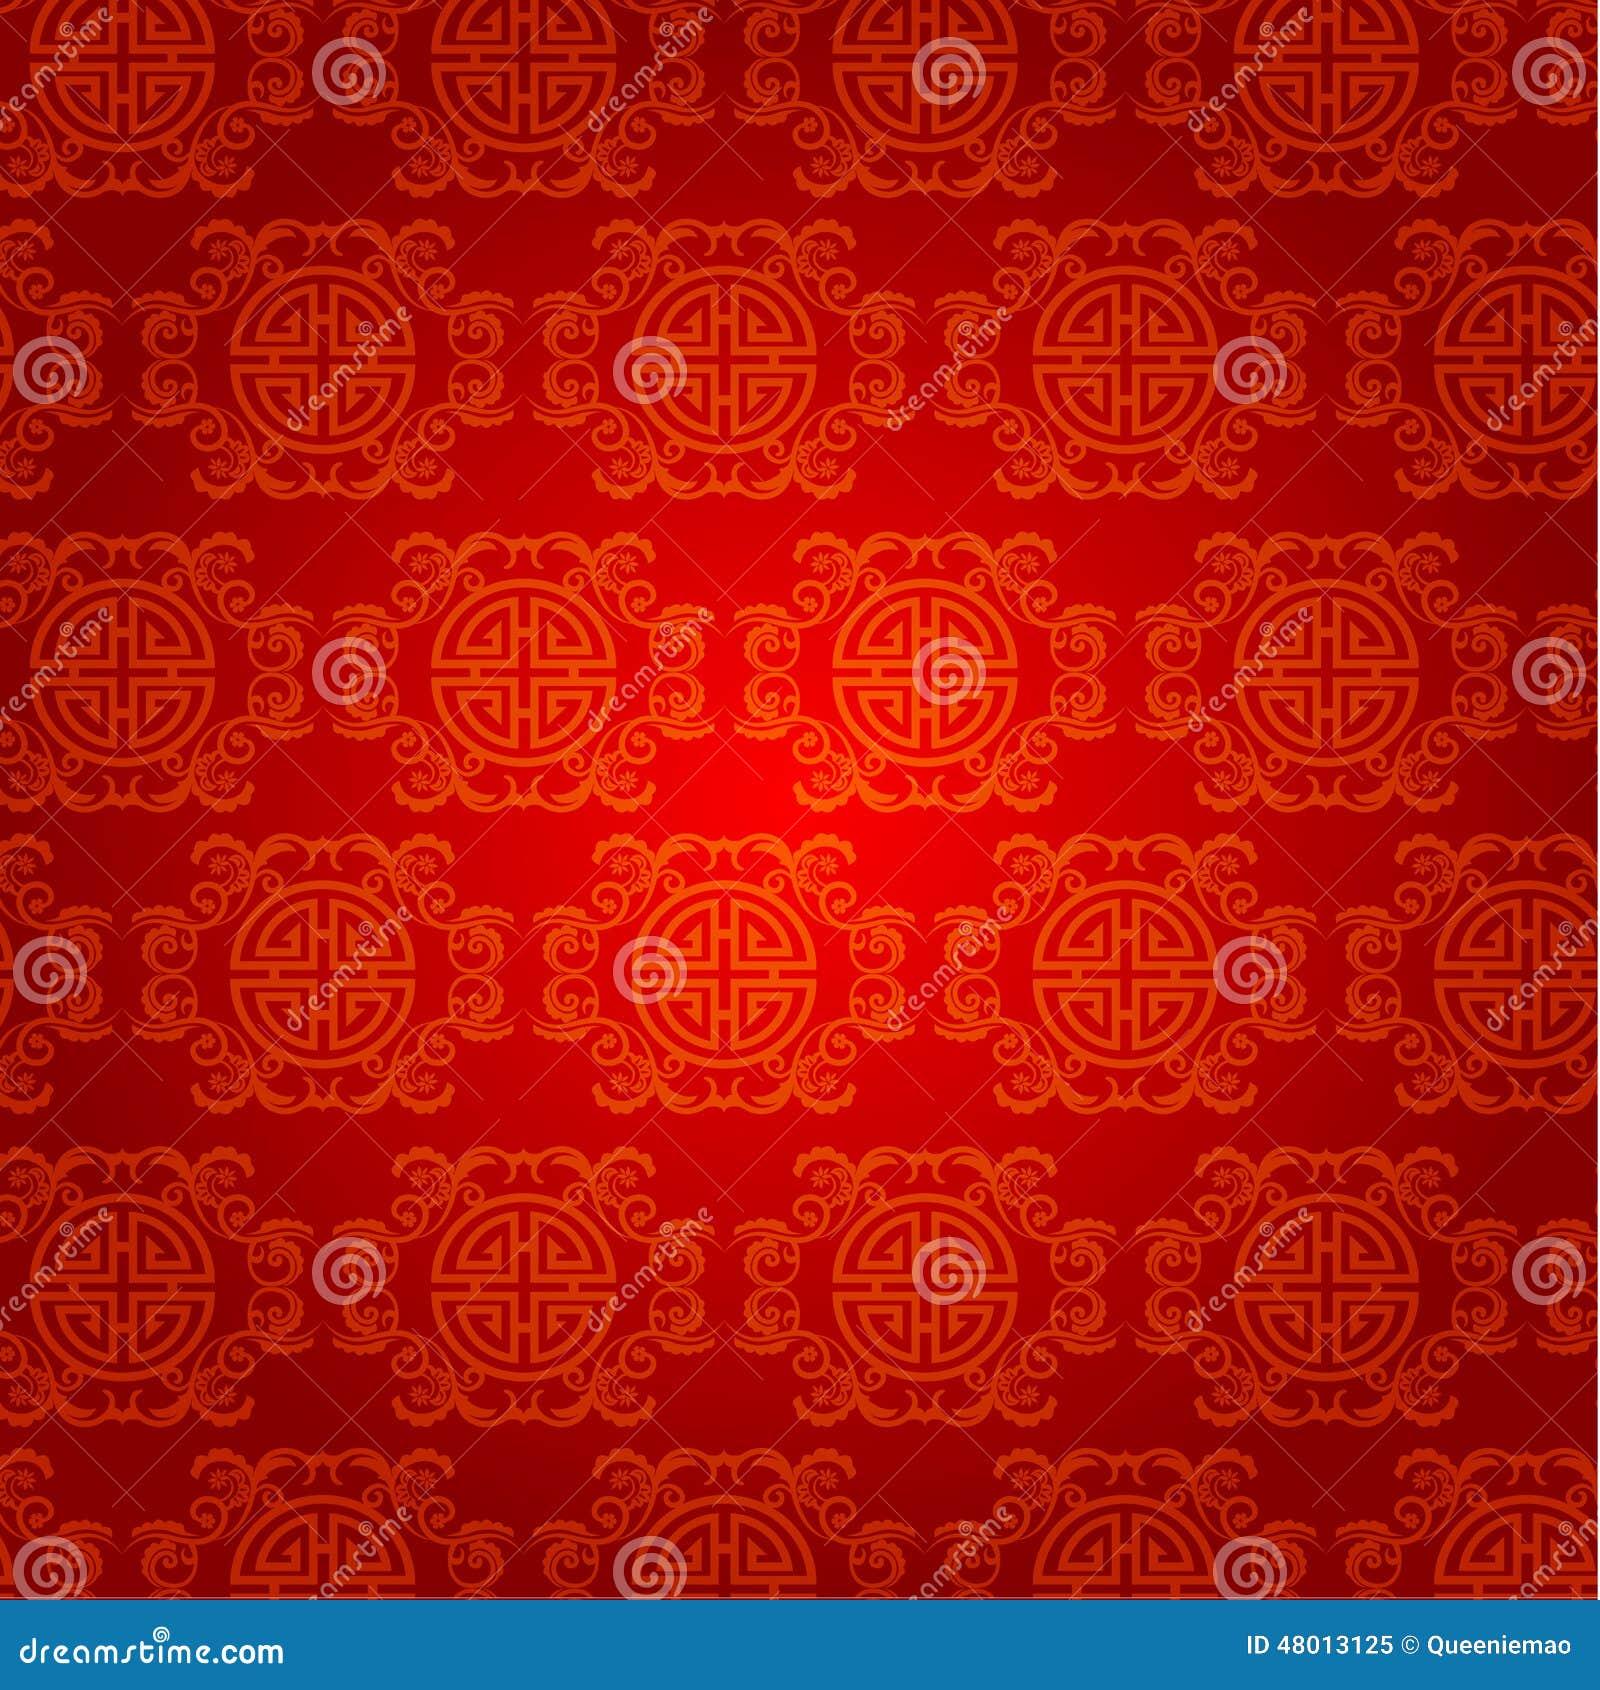 Hintergrund-Vektor-Design des Chinesischen Neujahrsfests